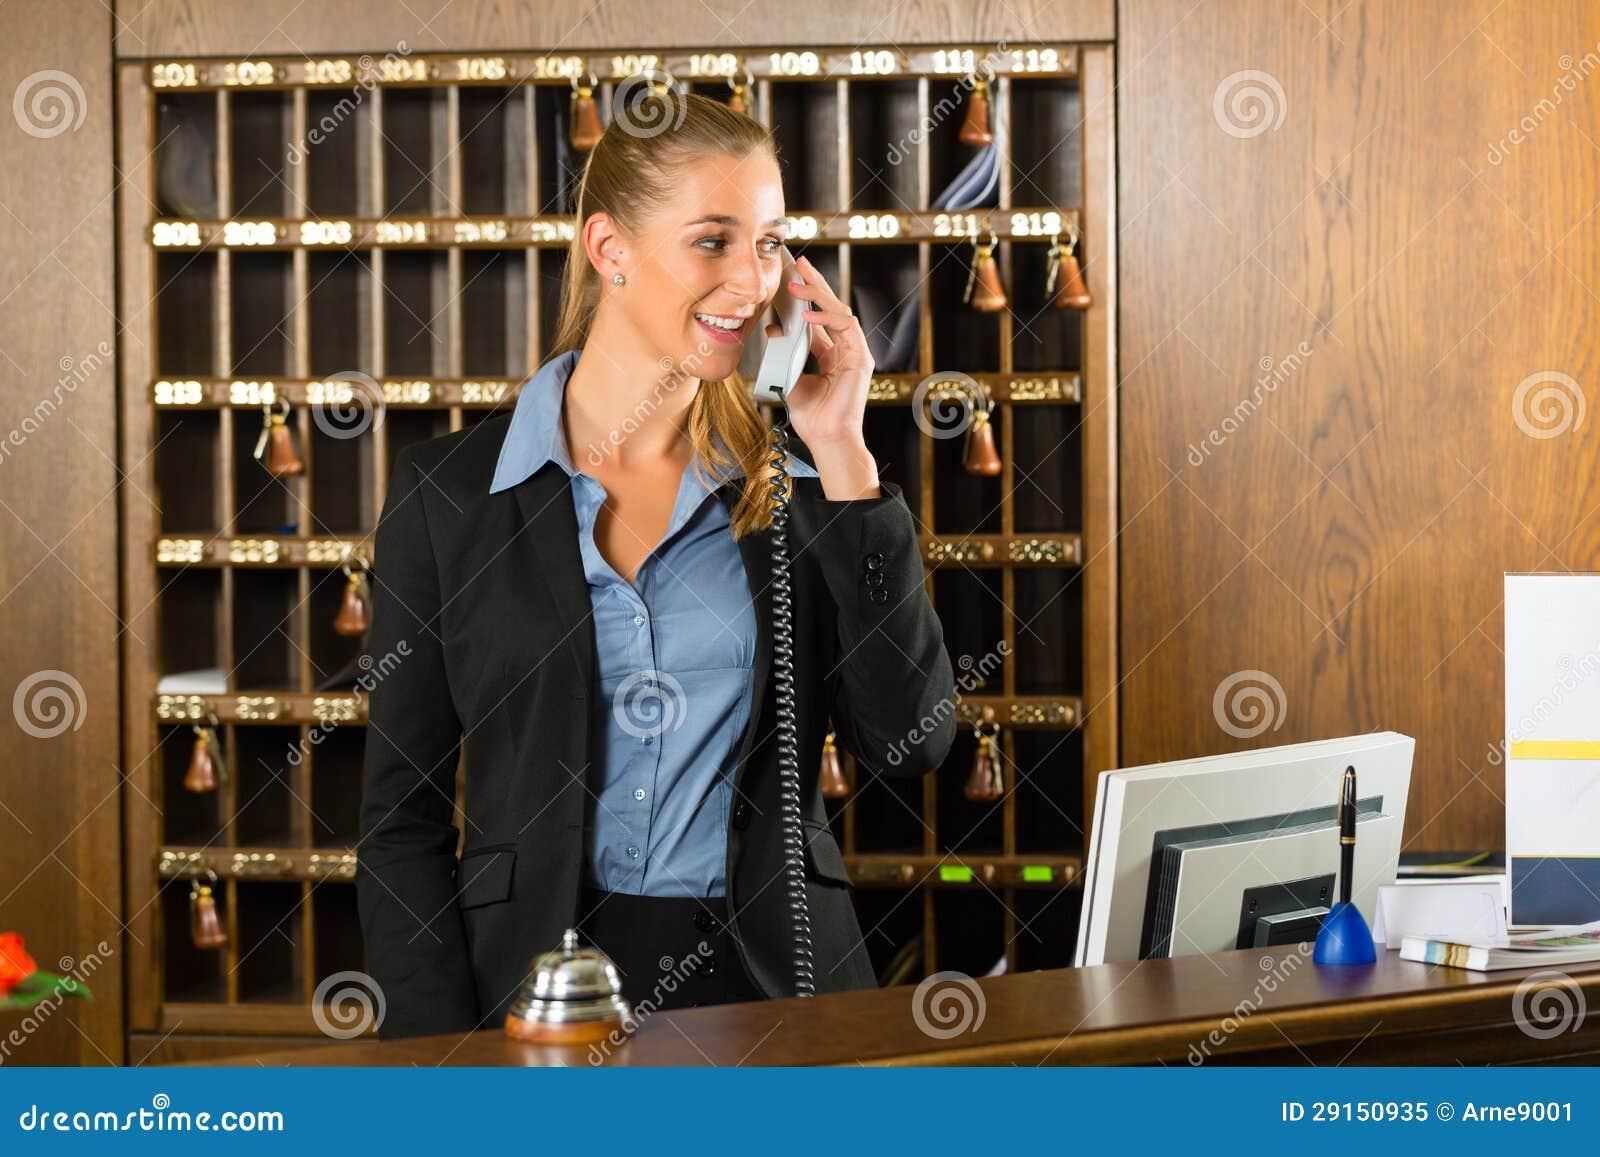 Aufnahme des Hotels - Empfangschef, der einen Aufruf nimmt